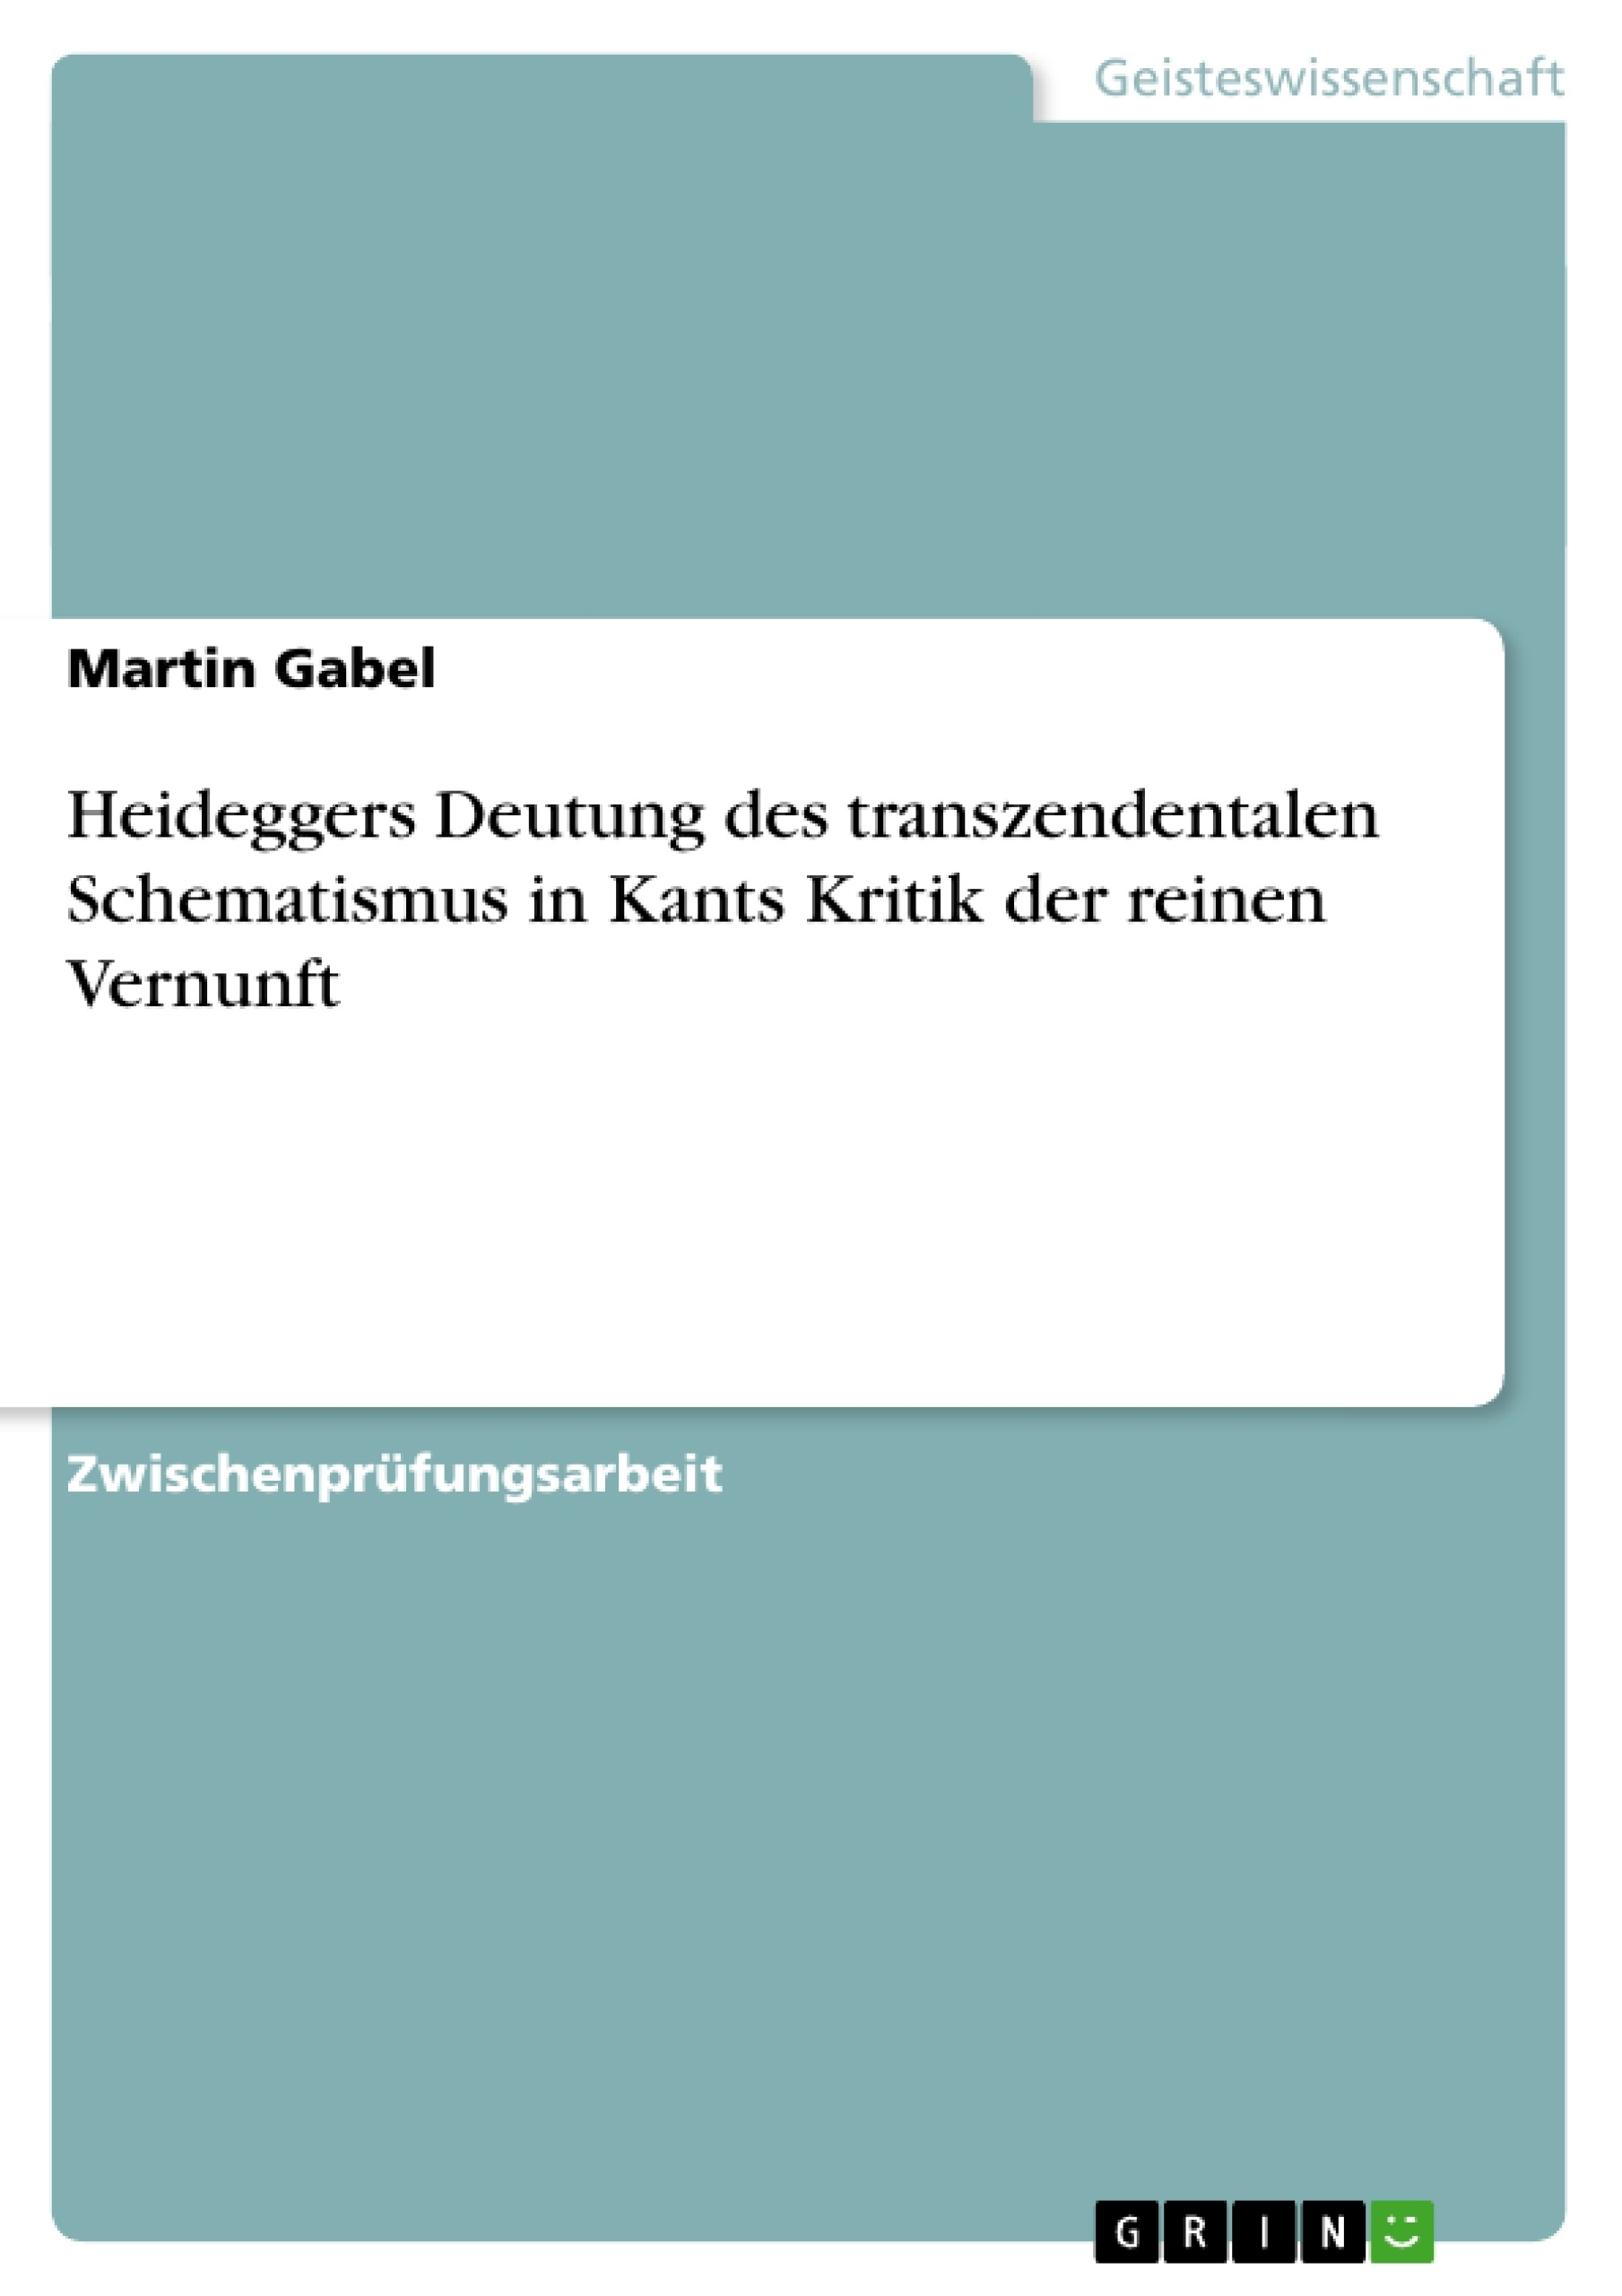 Titel: Heideggers Deutung des transzendentalen Schematismus in Kants Kritik der reinen Vernunft